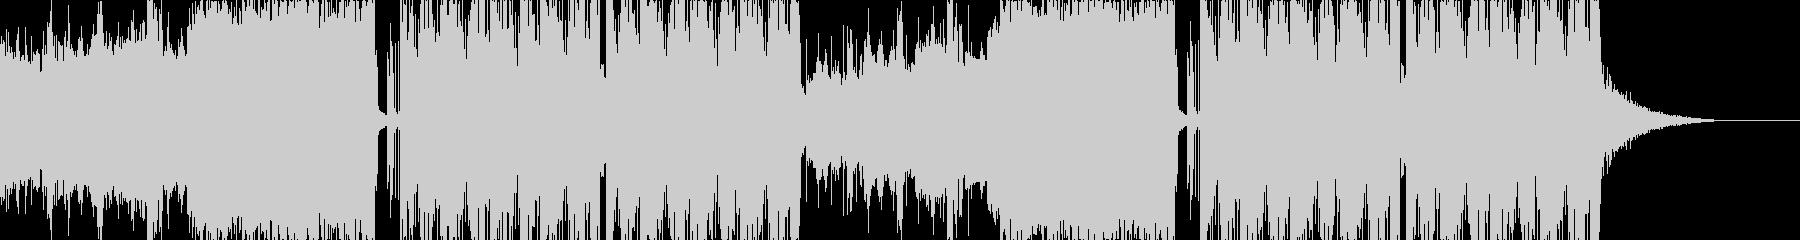 ダブステップ風の未再生の波形